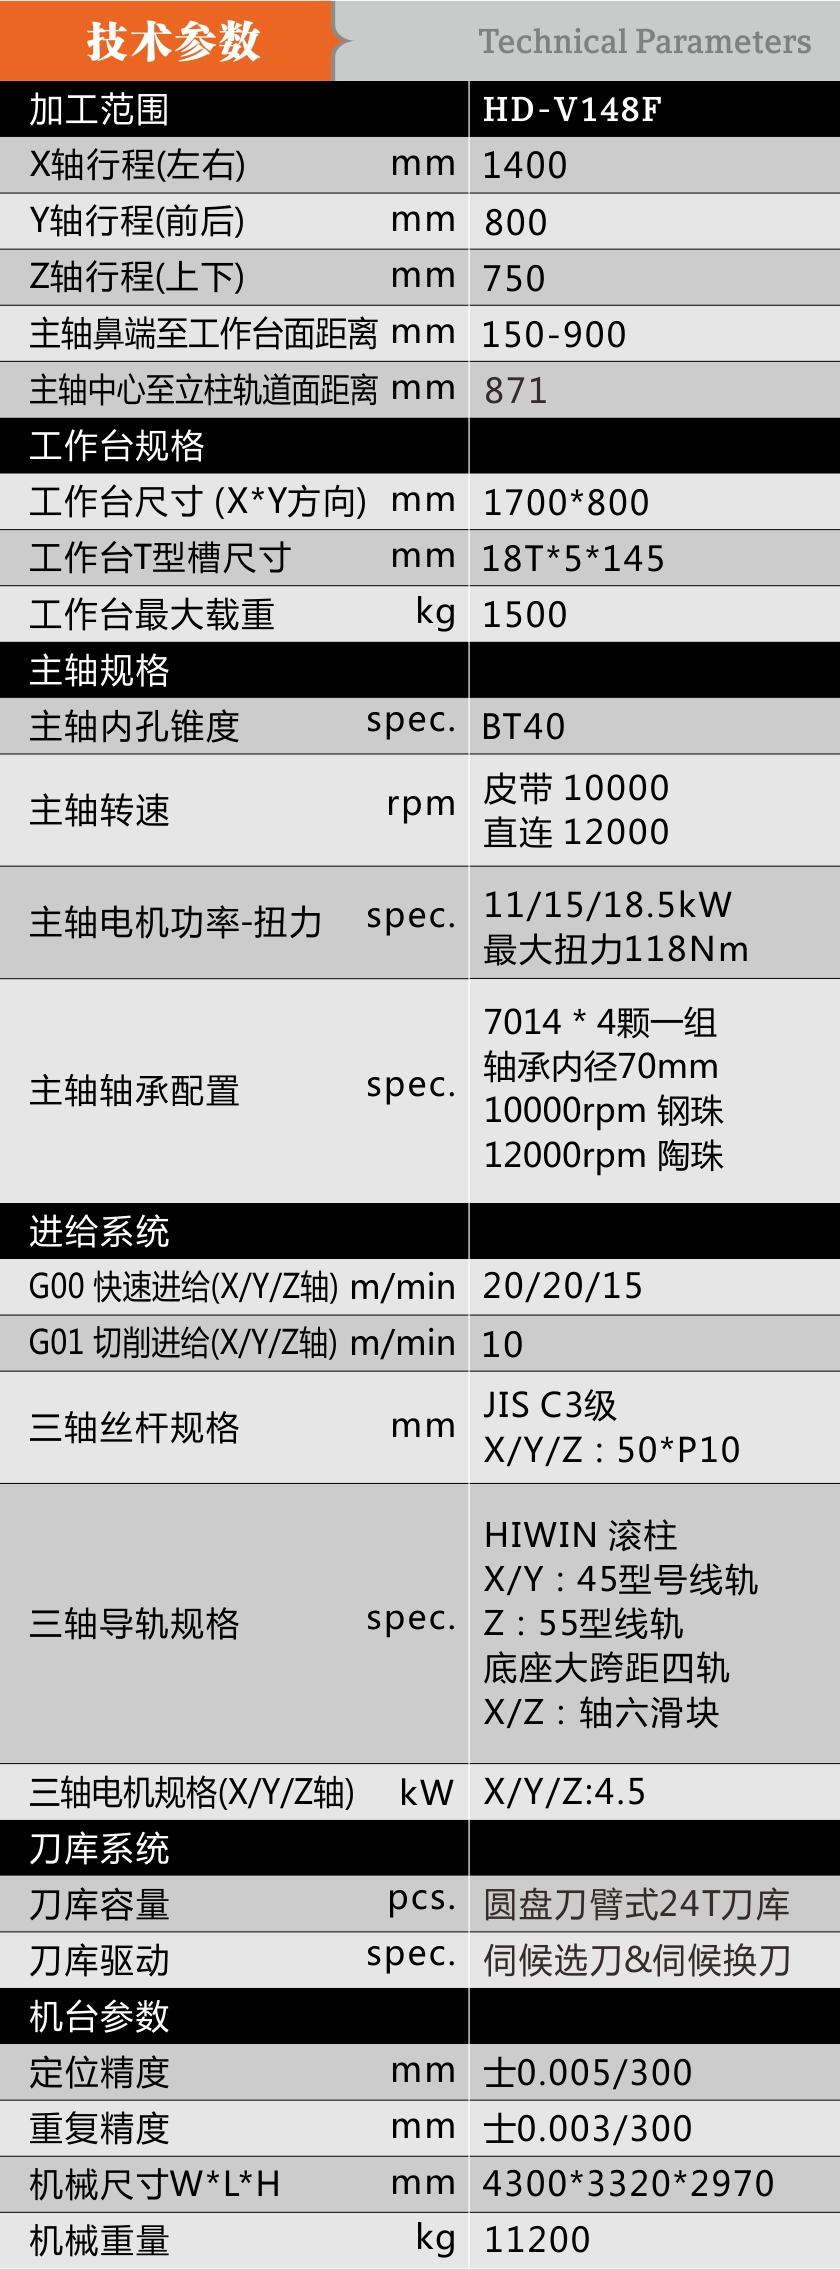 HD-V148F 大行程三轴线轨立加